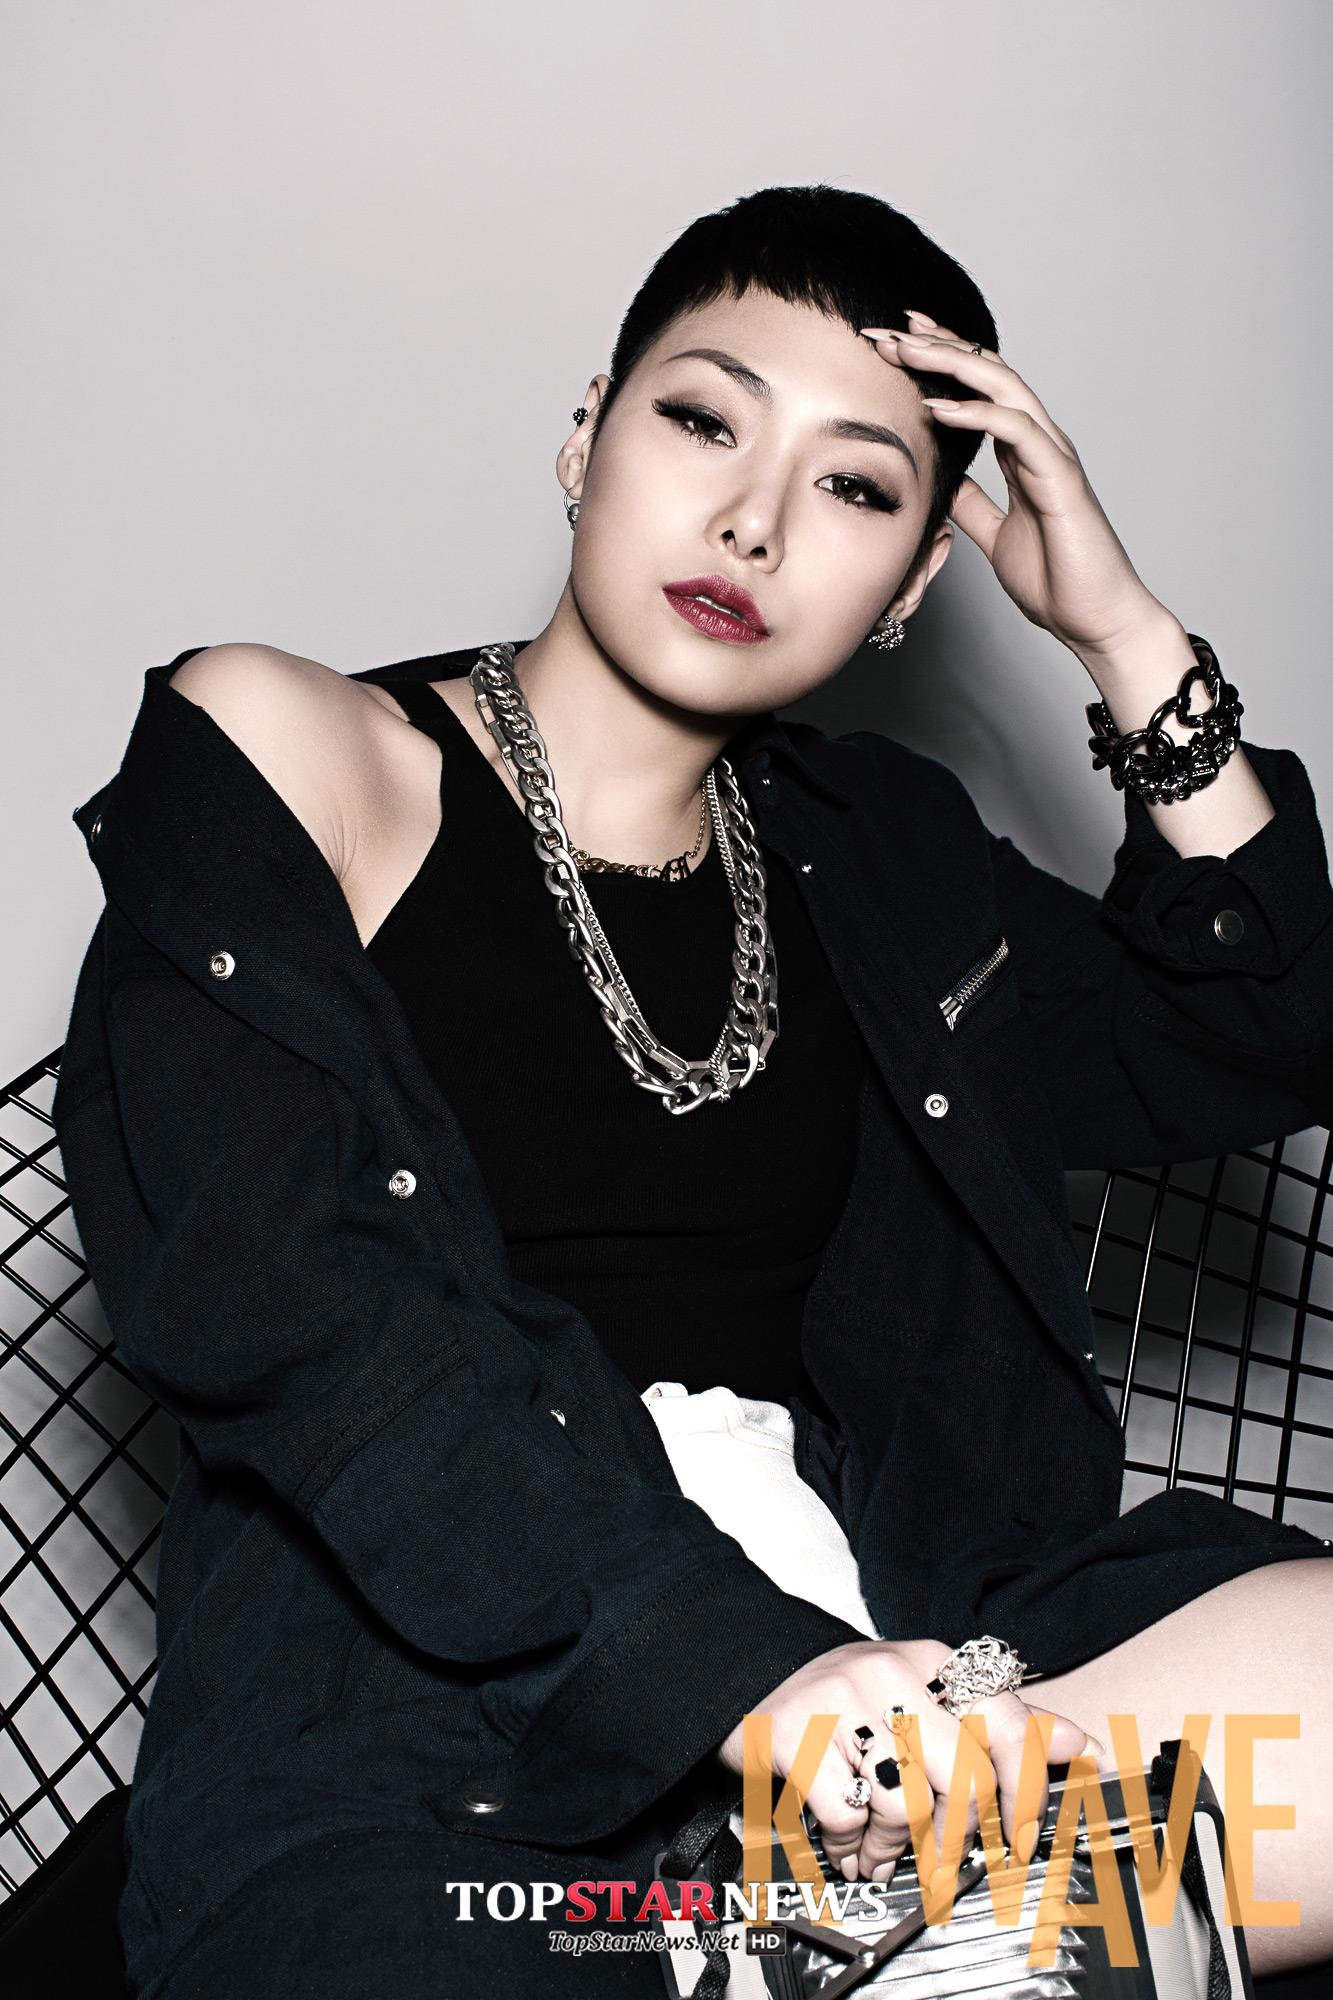 跟CL同樣獲得10%得票率的,還有《Unpretty Rapstar》冠軍的Cheetah,因為「舞台上強烈存在感、現場唱得甚至比CD好、歌詞超有sense」而獲得青睞~